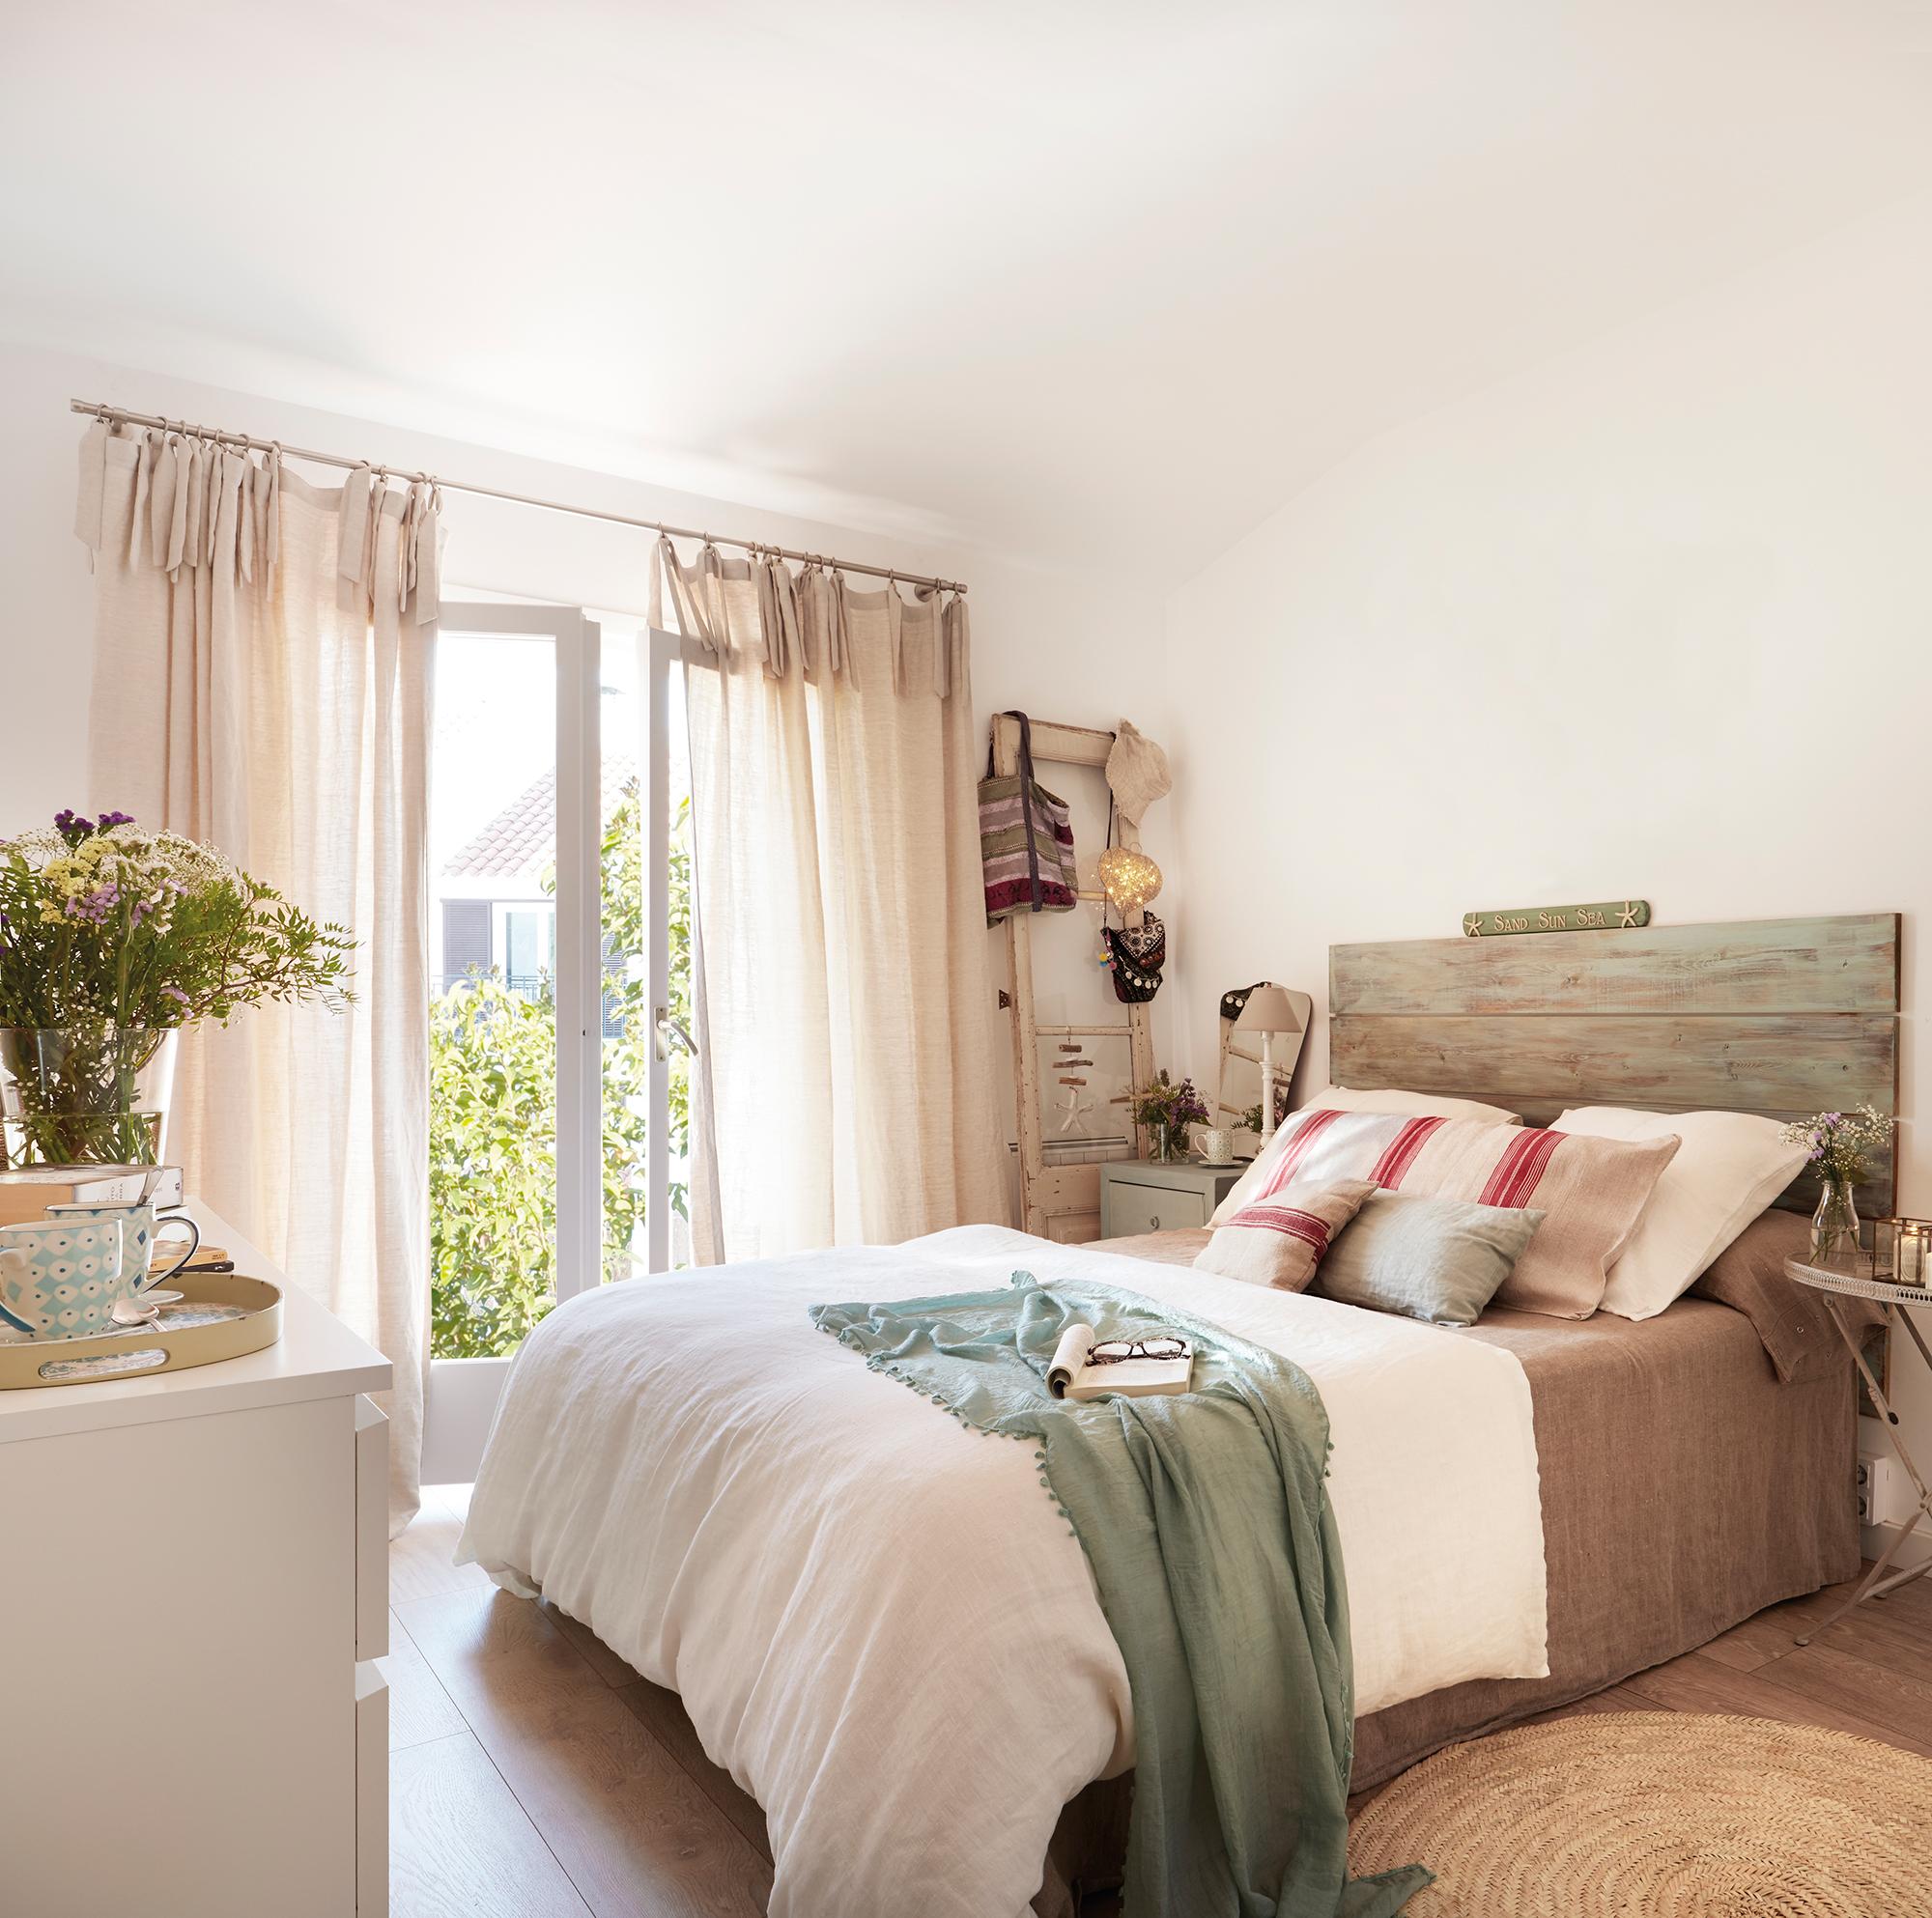 C modas para dormitorio - Cortinas para dormitorio matrimonio fotos ...